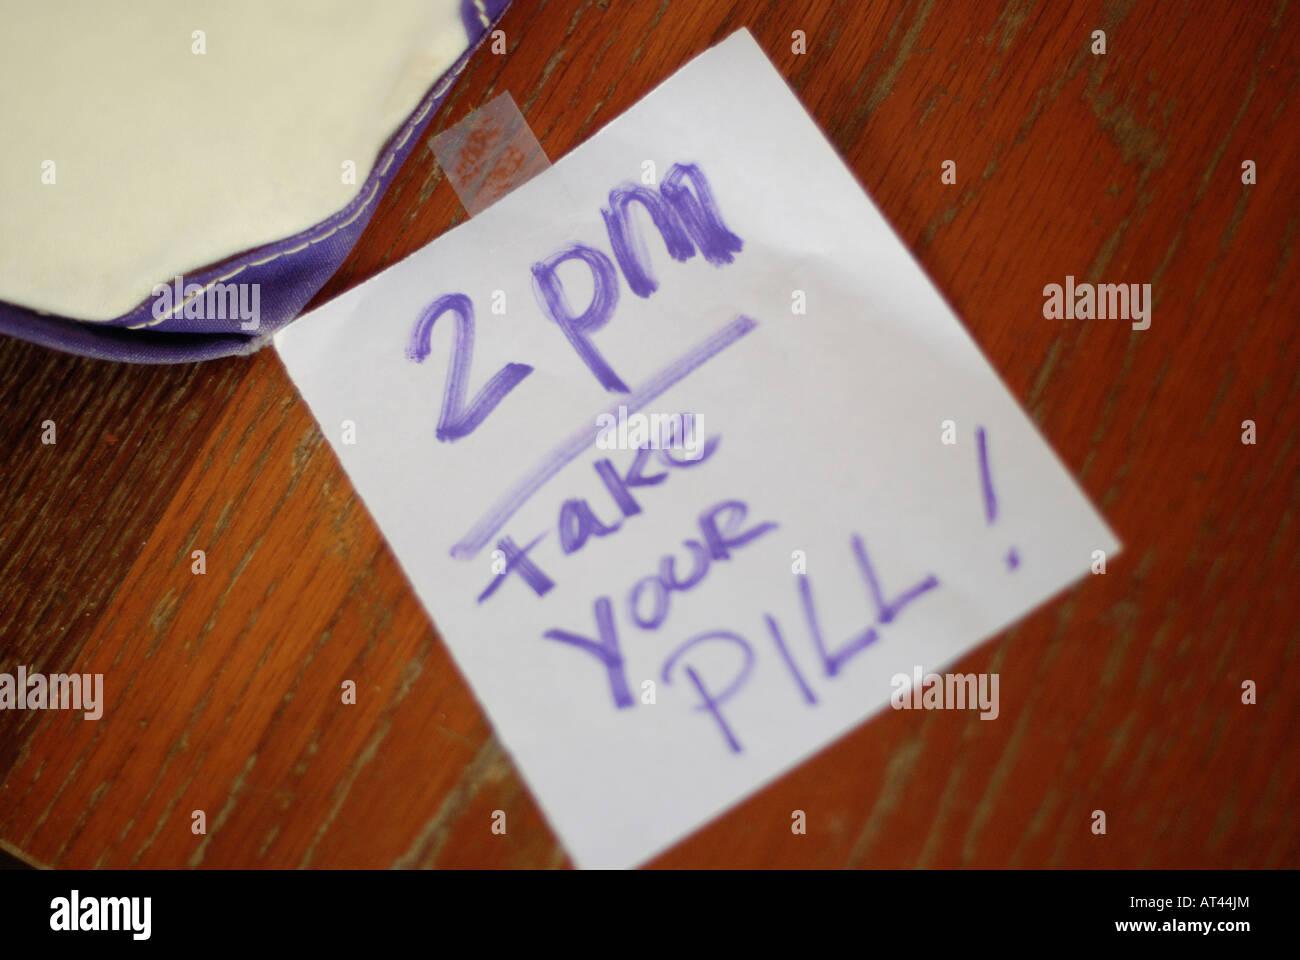 Sign reminding someone to take medication - Stock Image